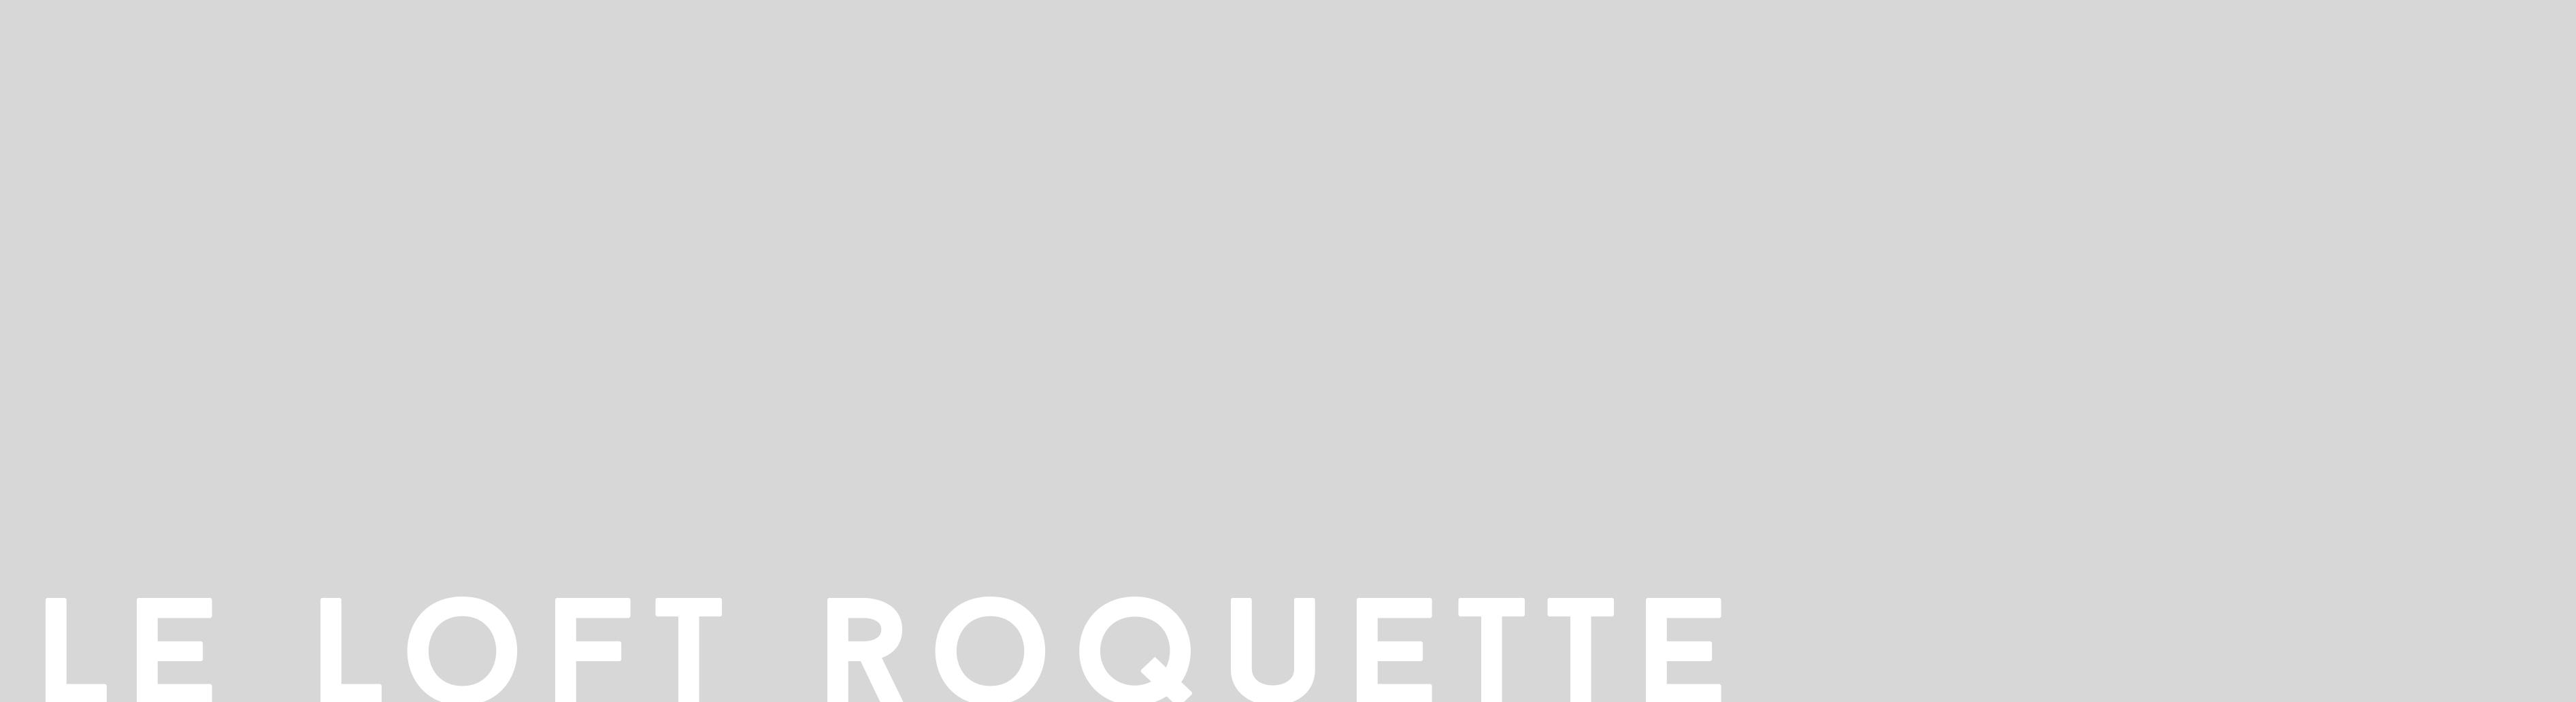 loft roquette